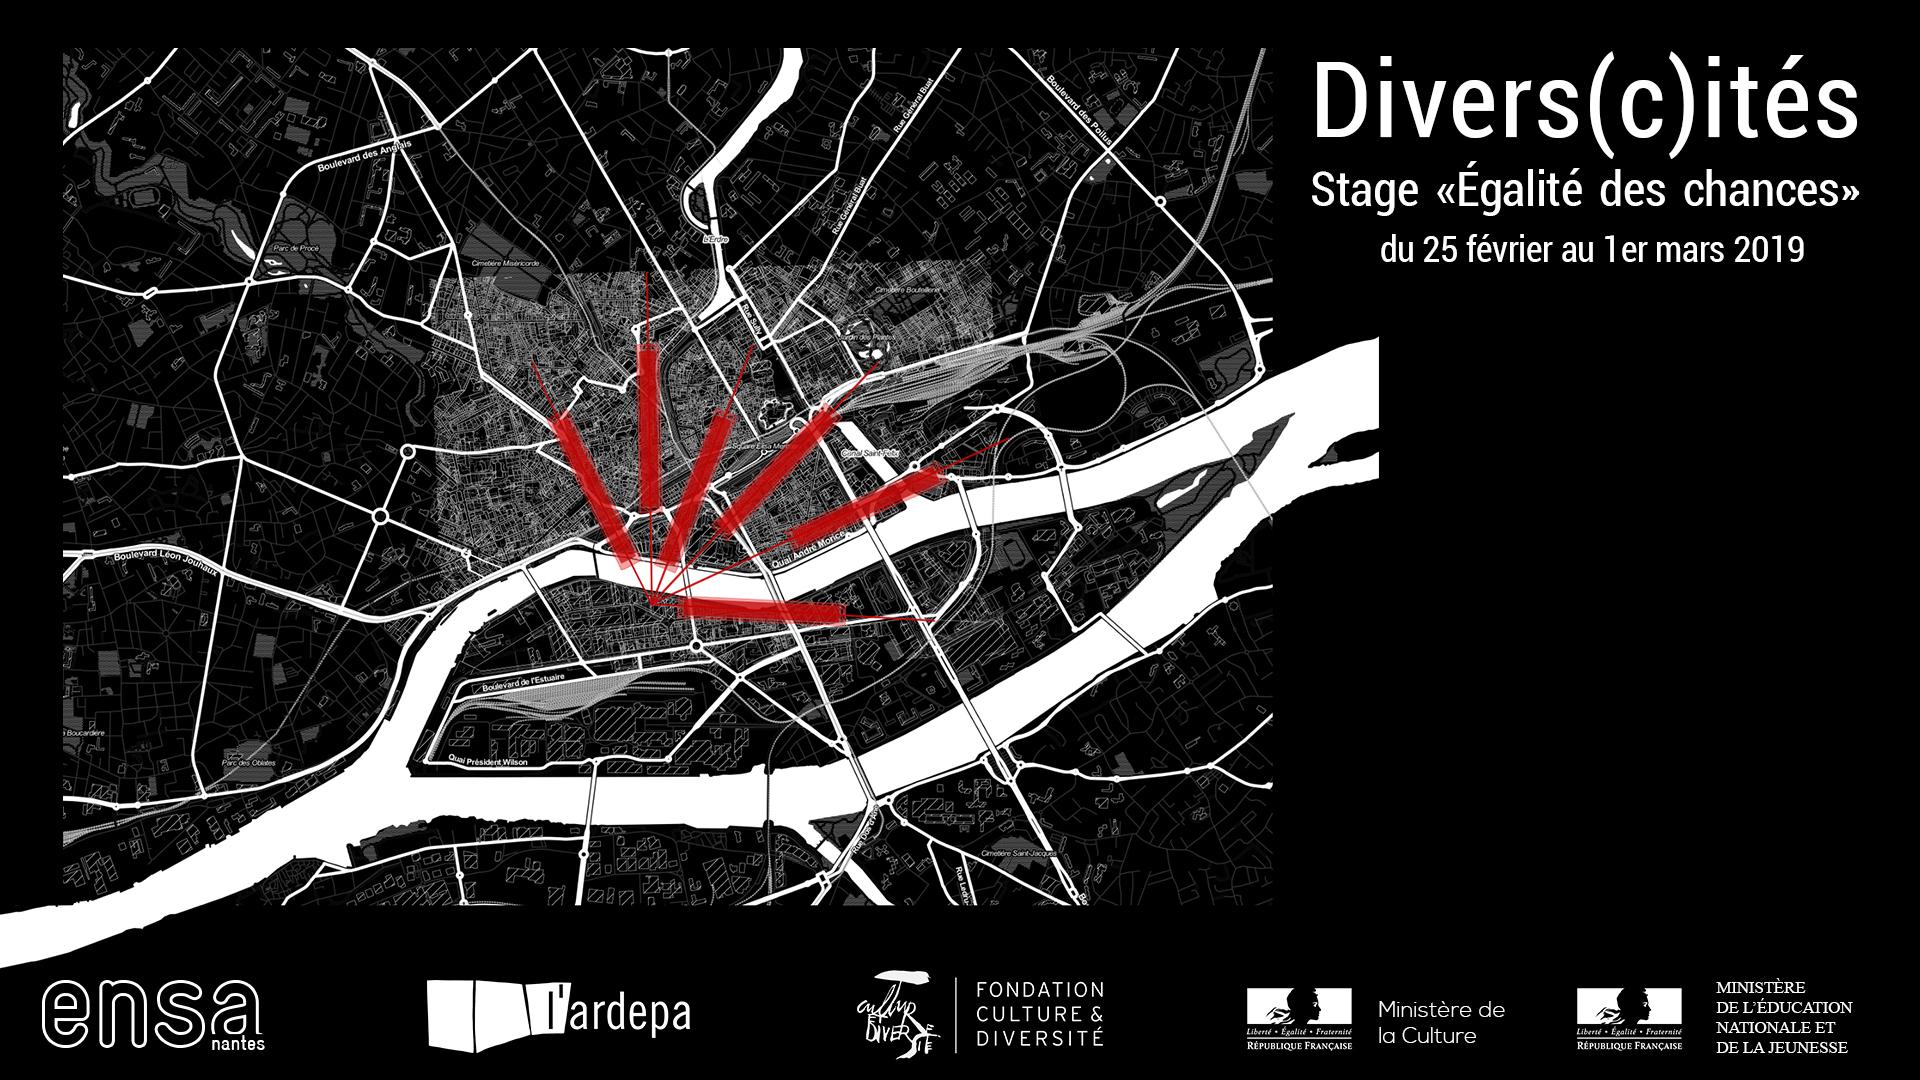 stage égalité des chances en ensa, nantes architecture fondation culture et diversité